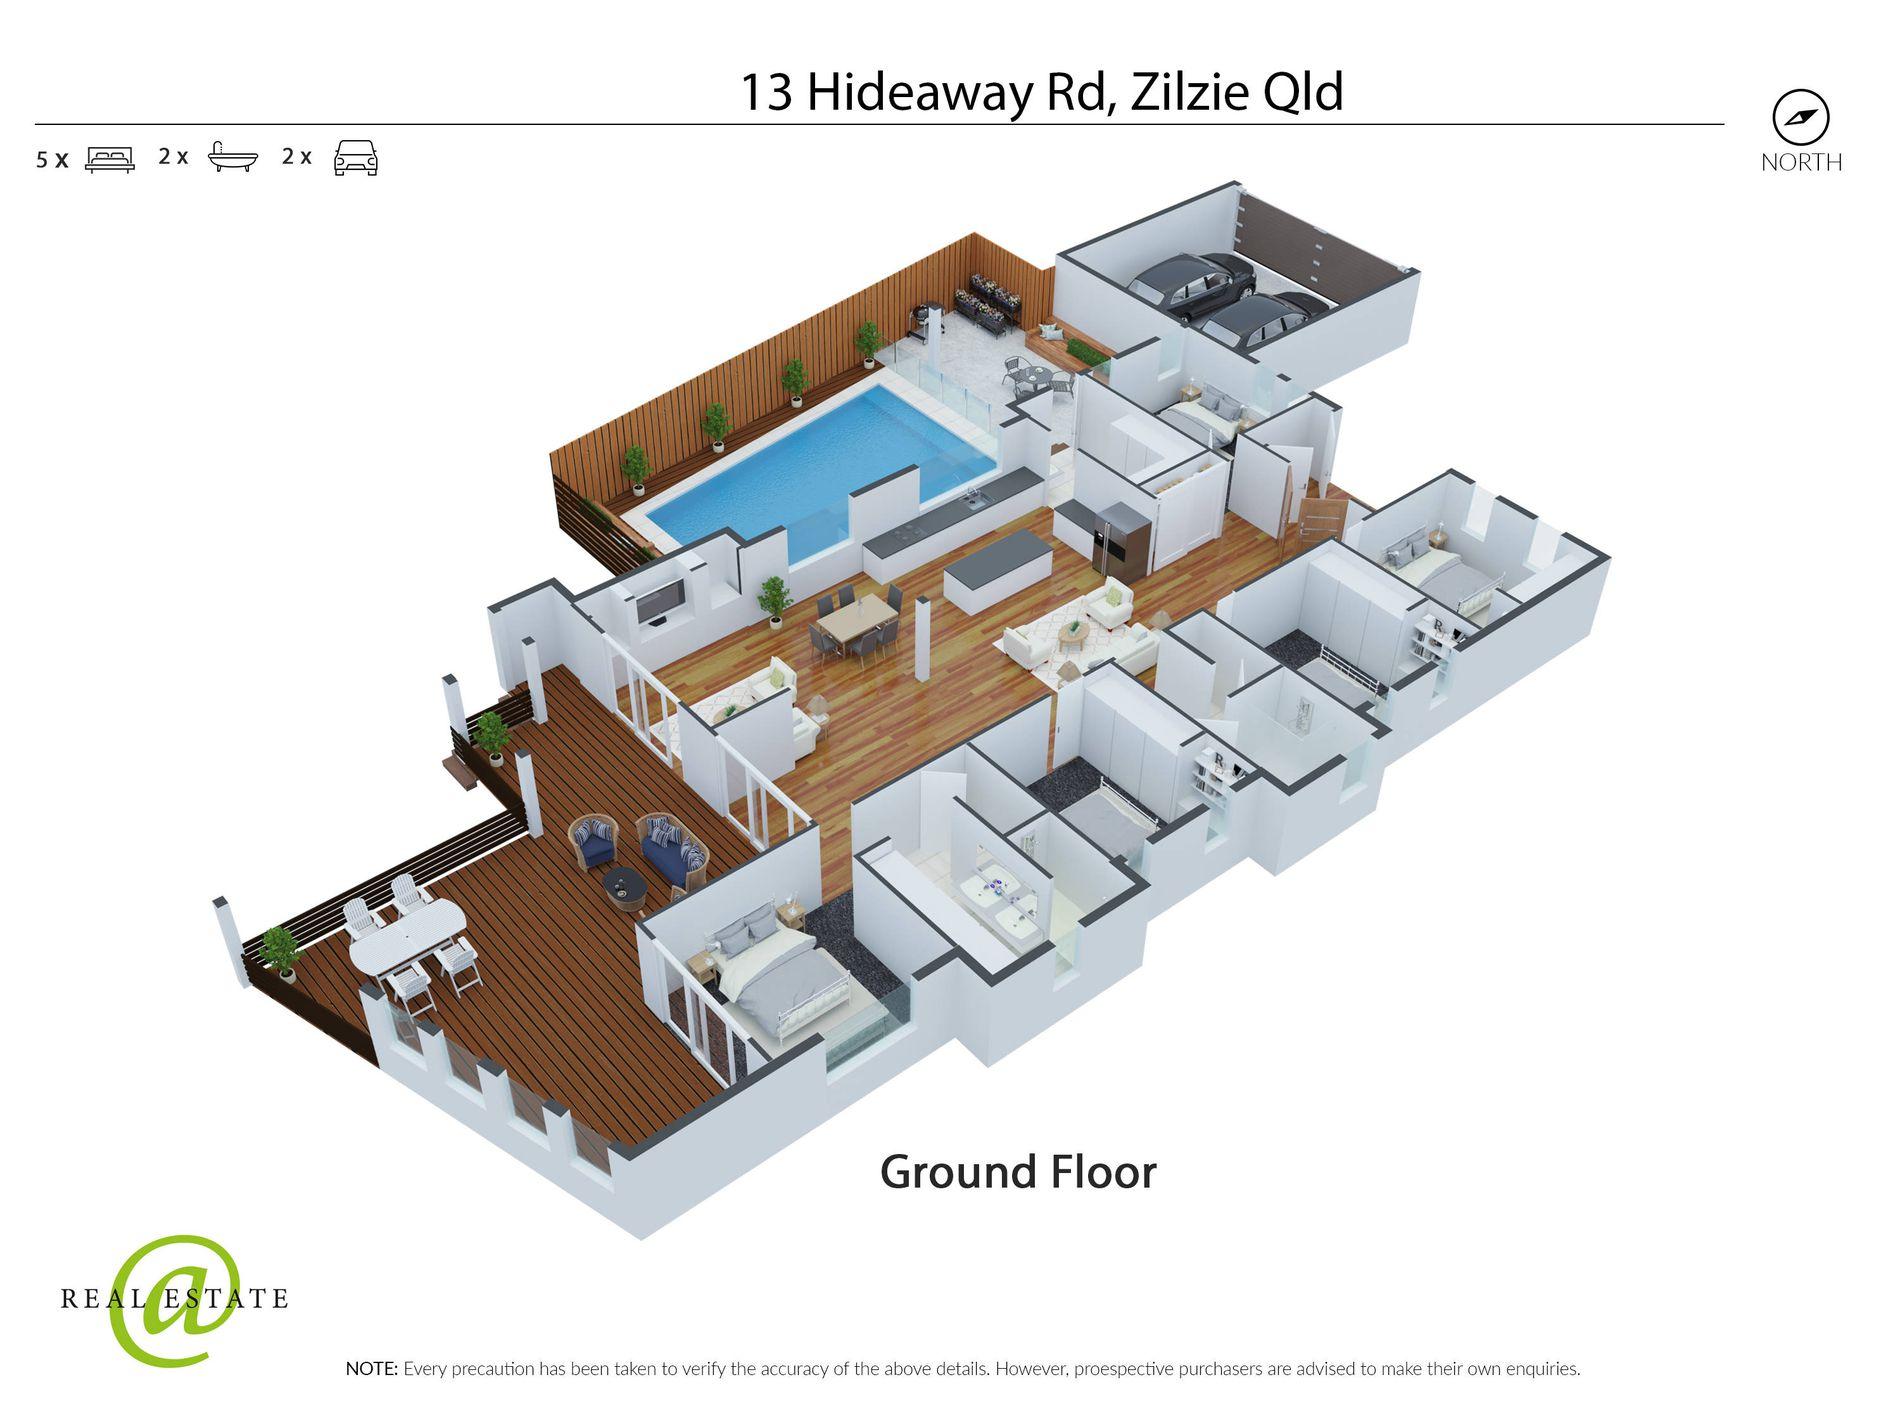 13 Hideaway Road, Zilzie